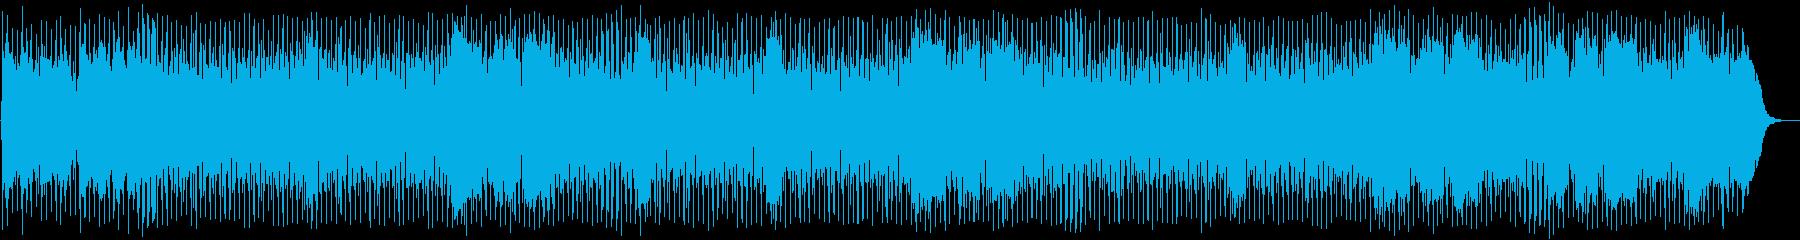 歌。カインドホテルカインドパーカッ...の再生済みの波形